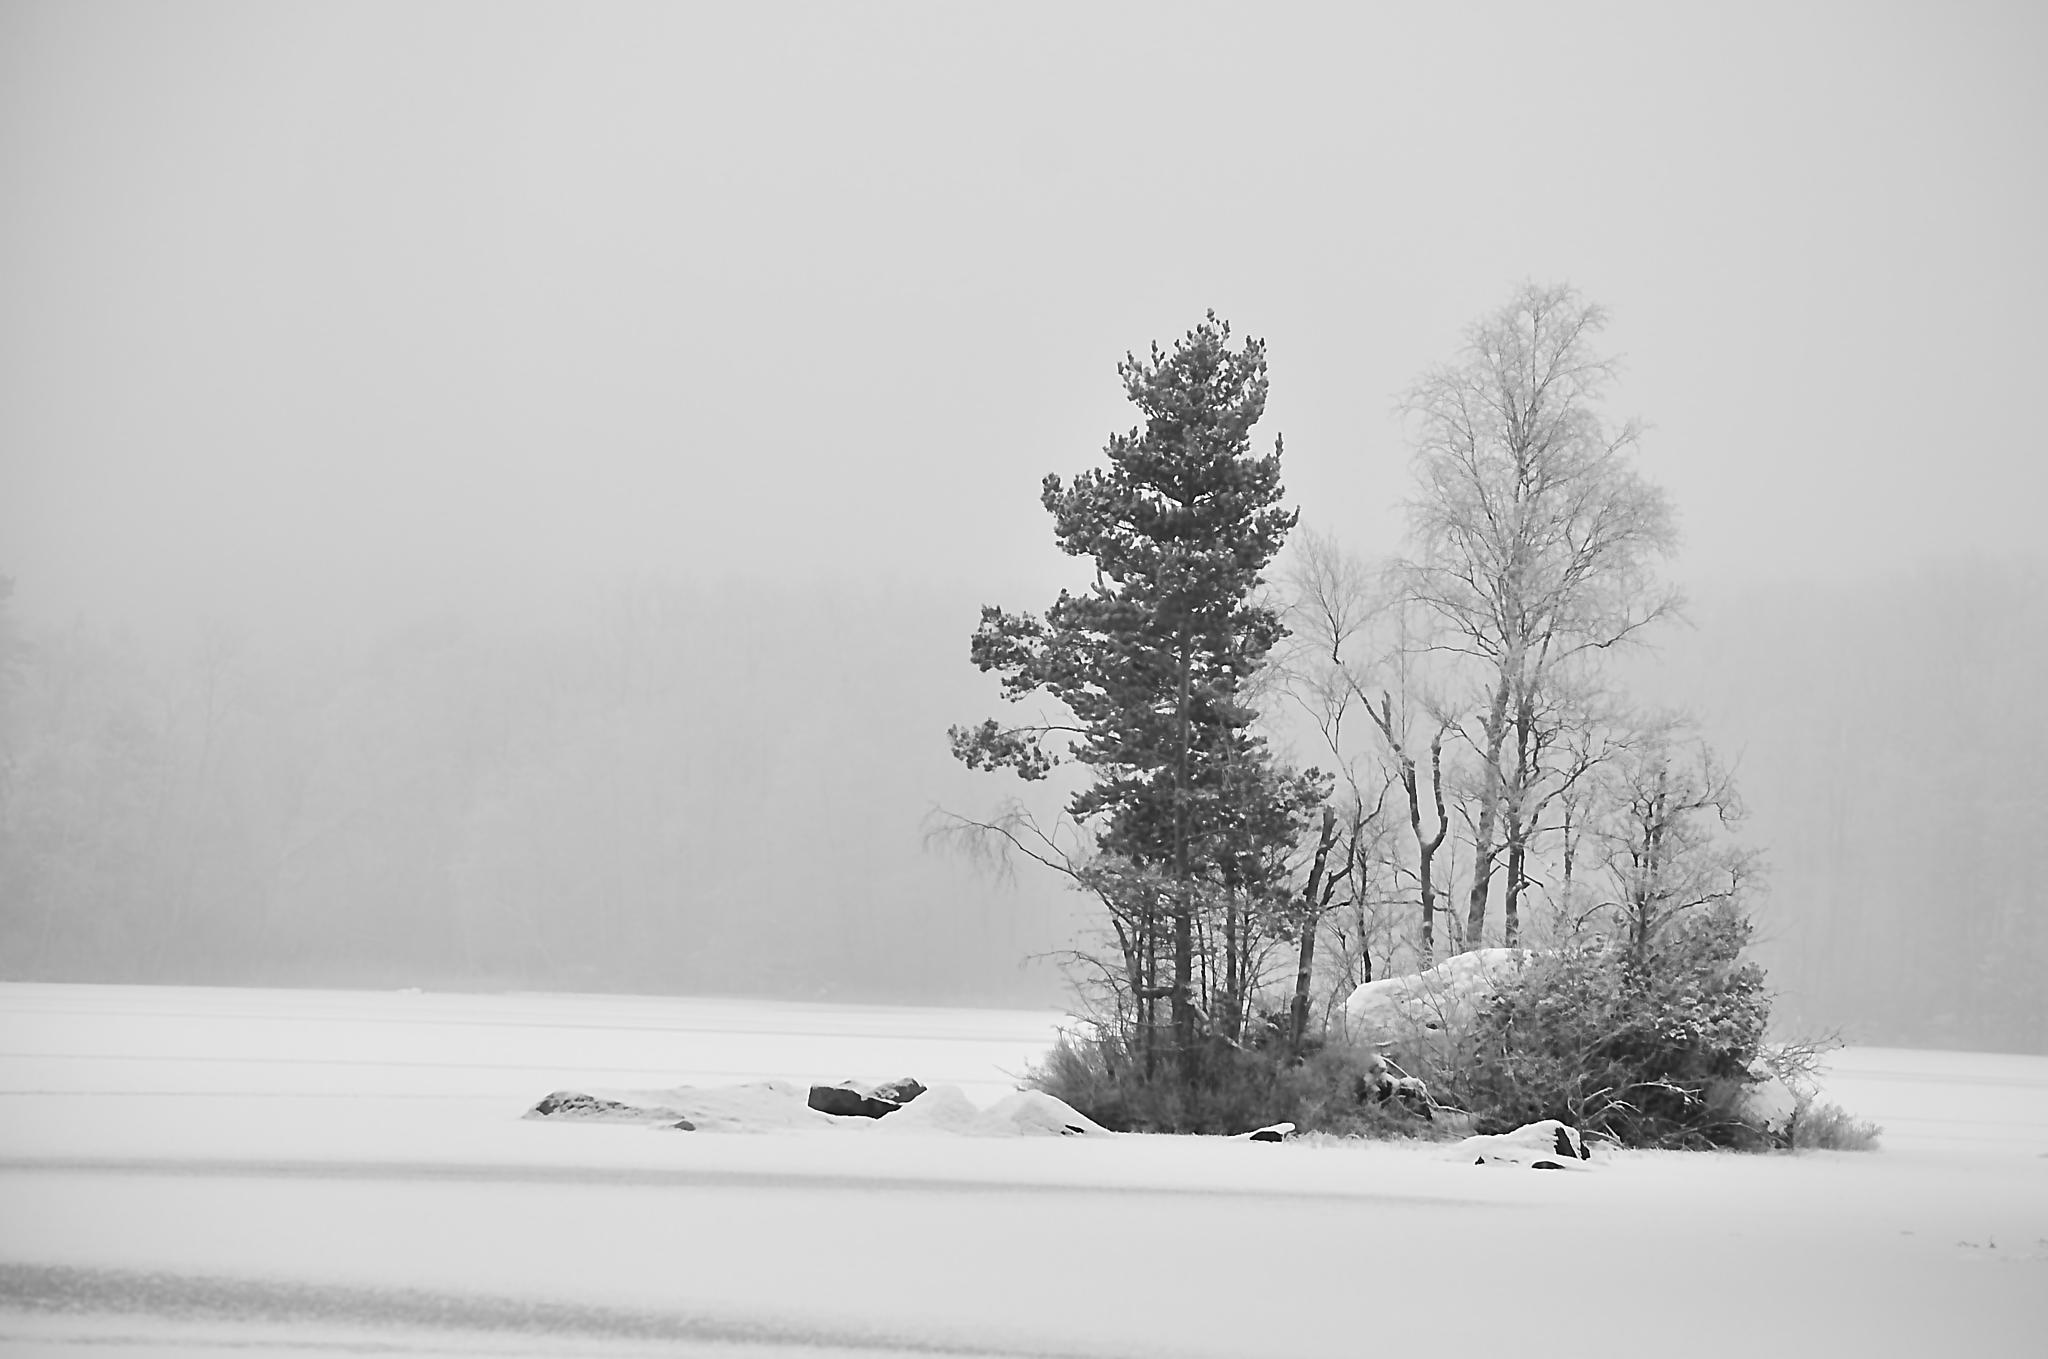 Winter by moeng